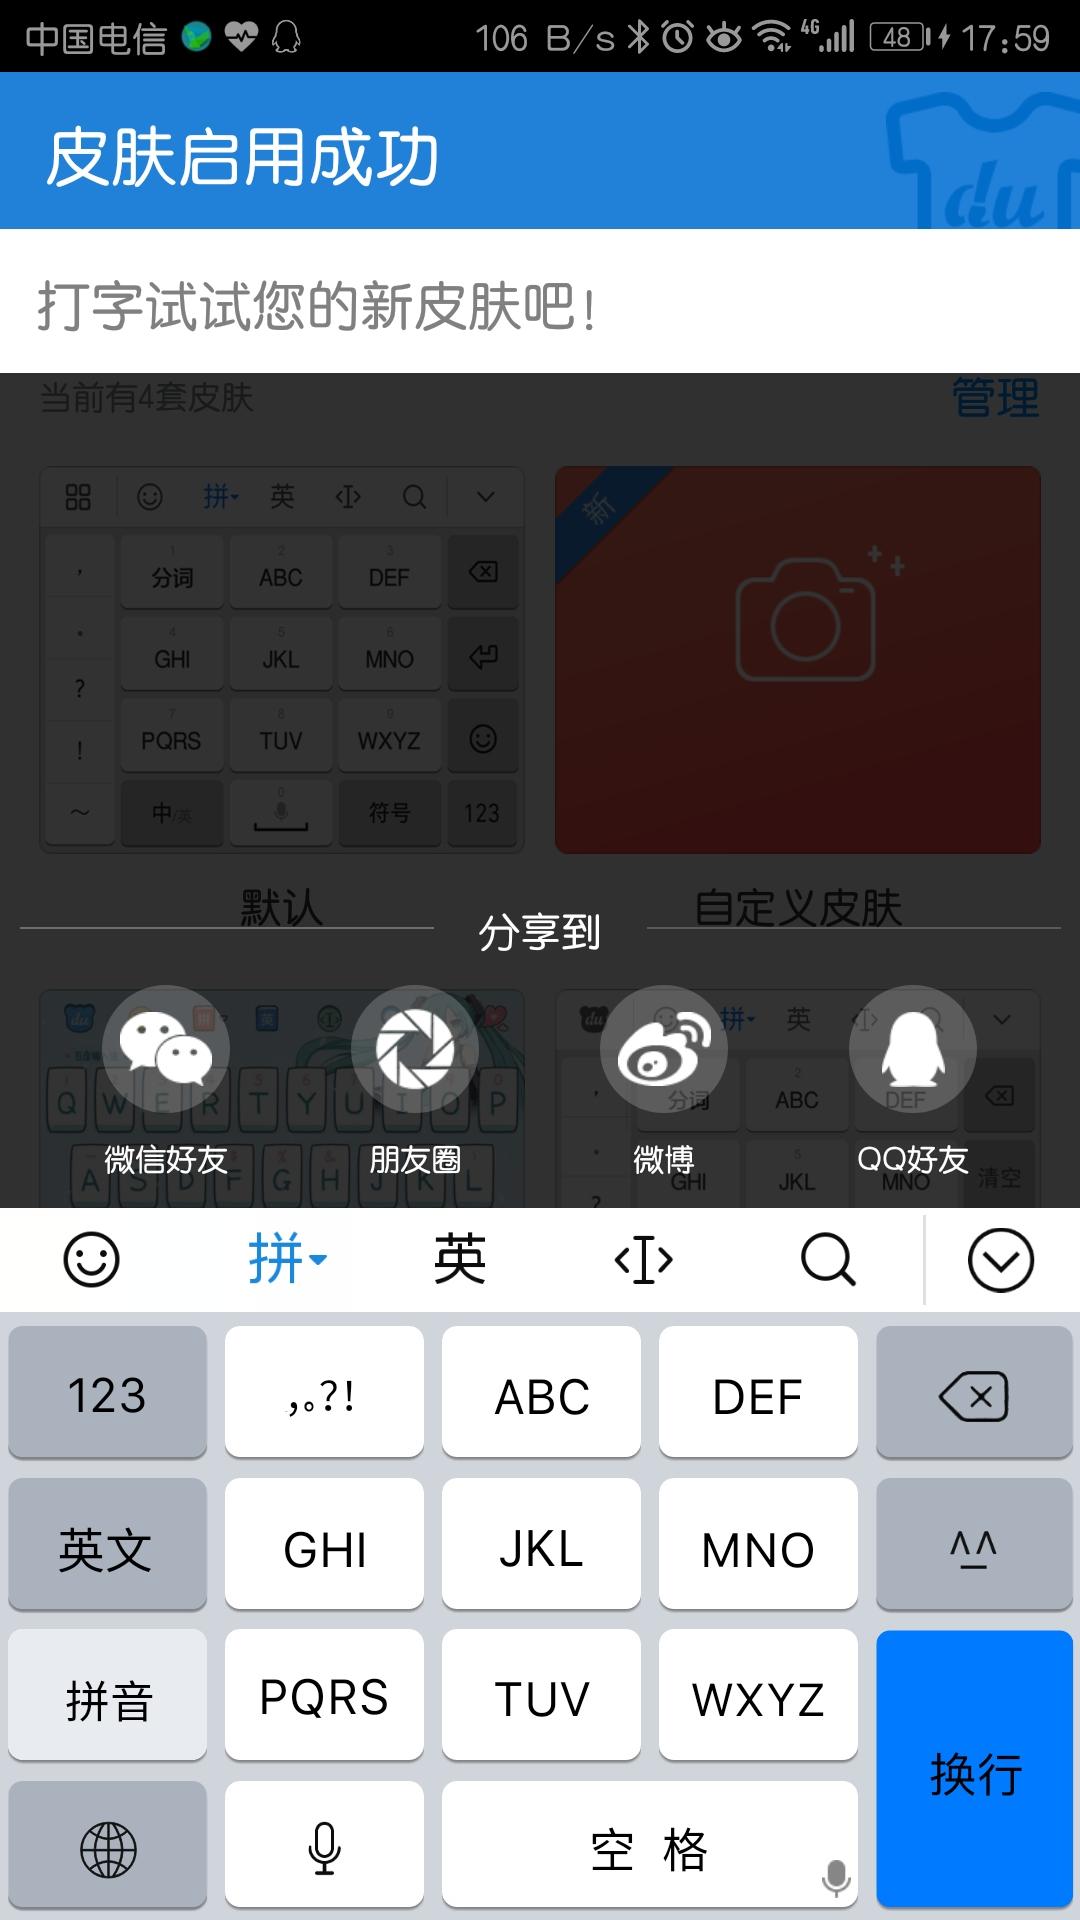 Screenshot_20181103-175902.jpg